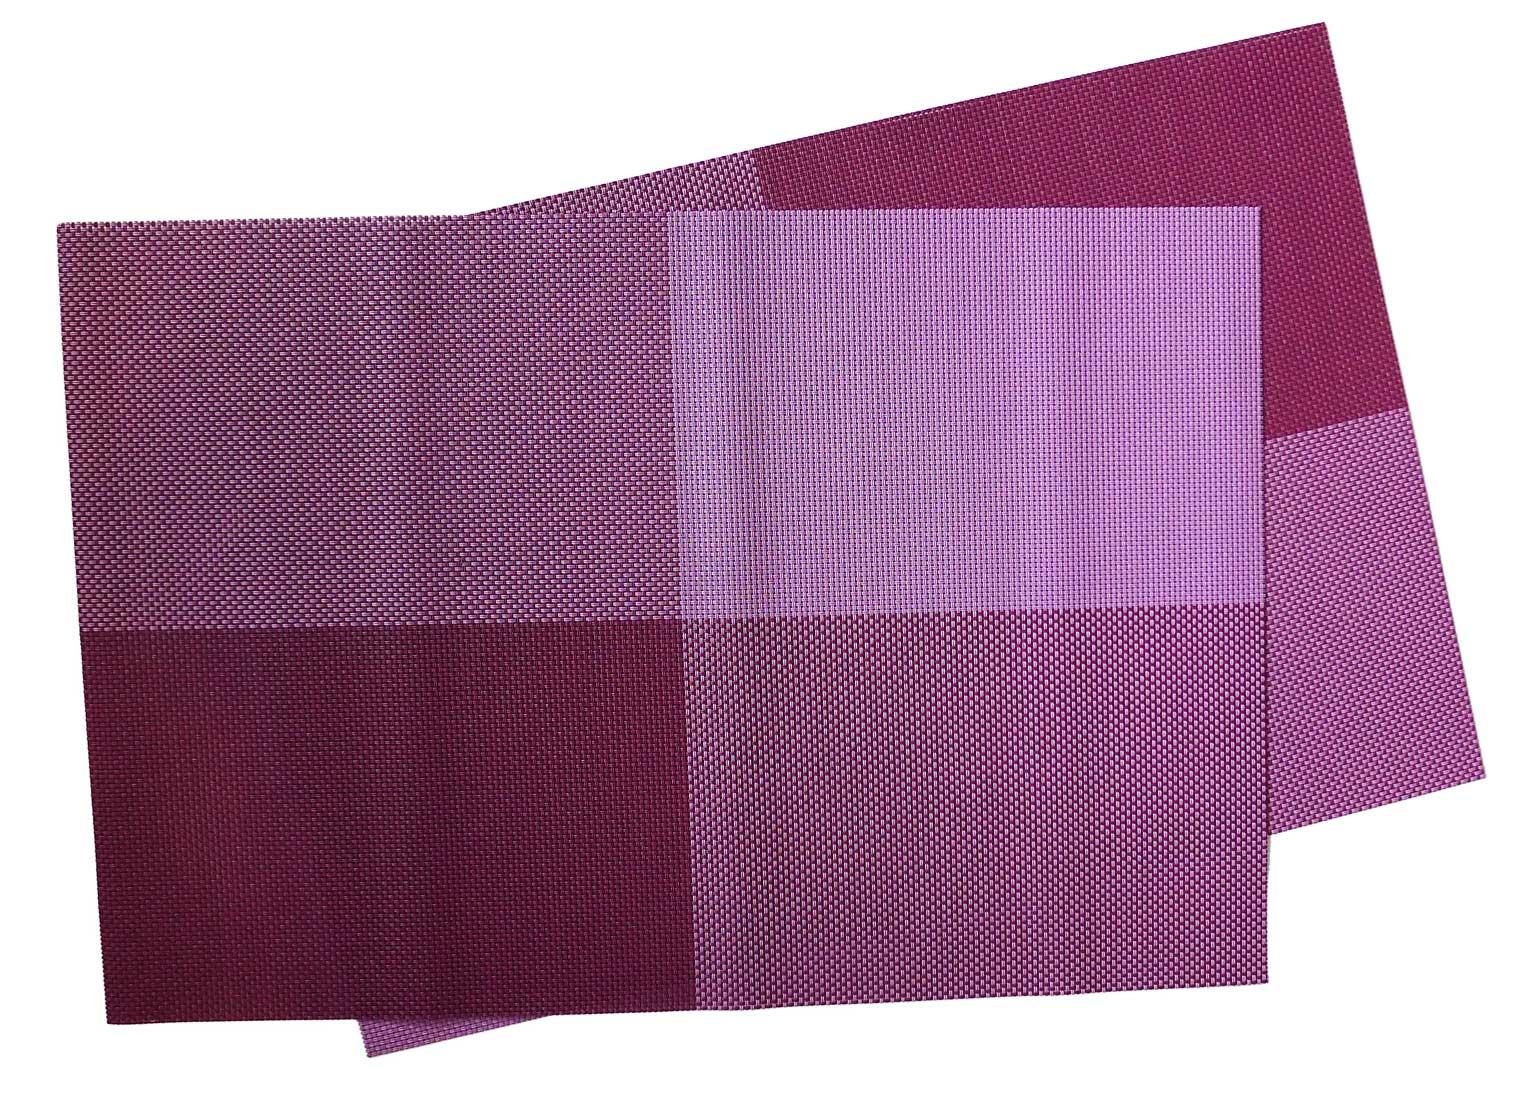 Image of Woven Vinyl Placemat,  Purple Squares MAT13